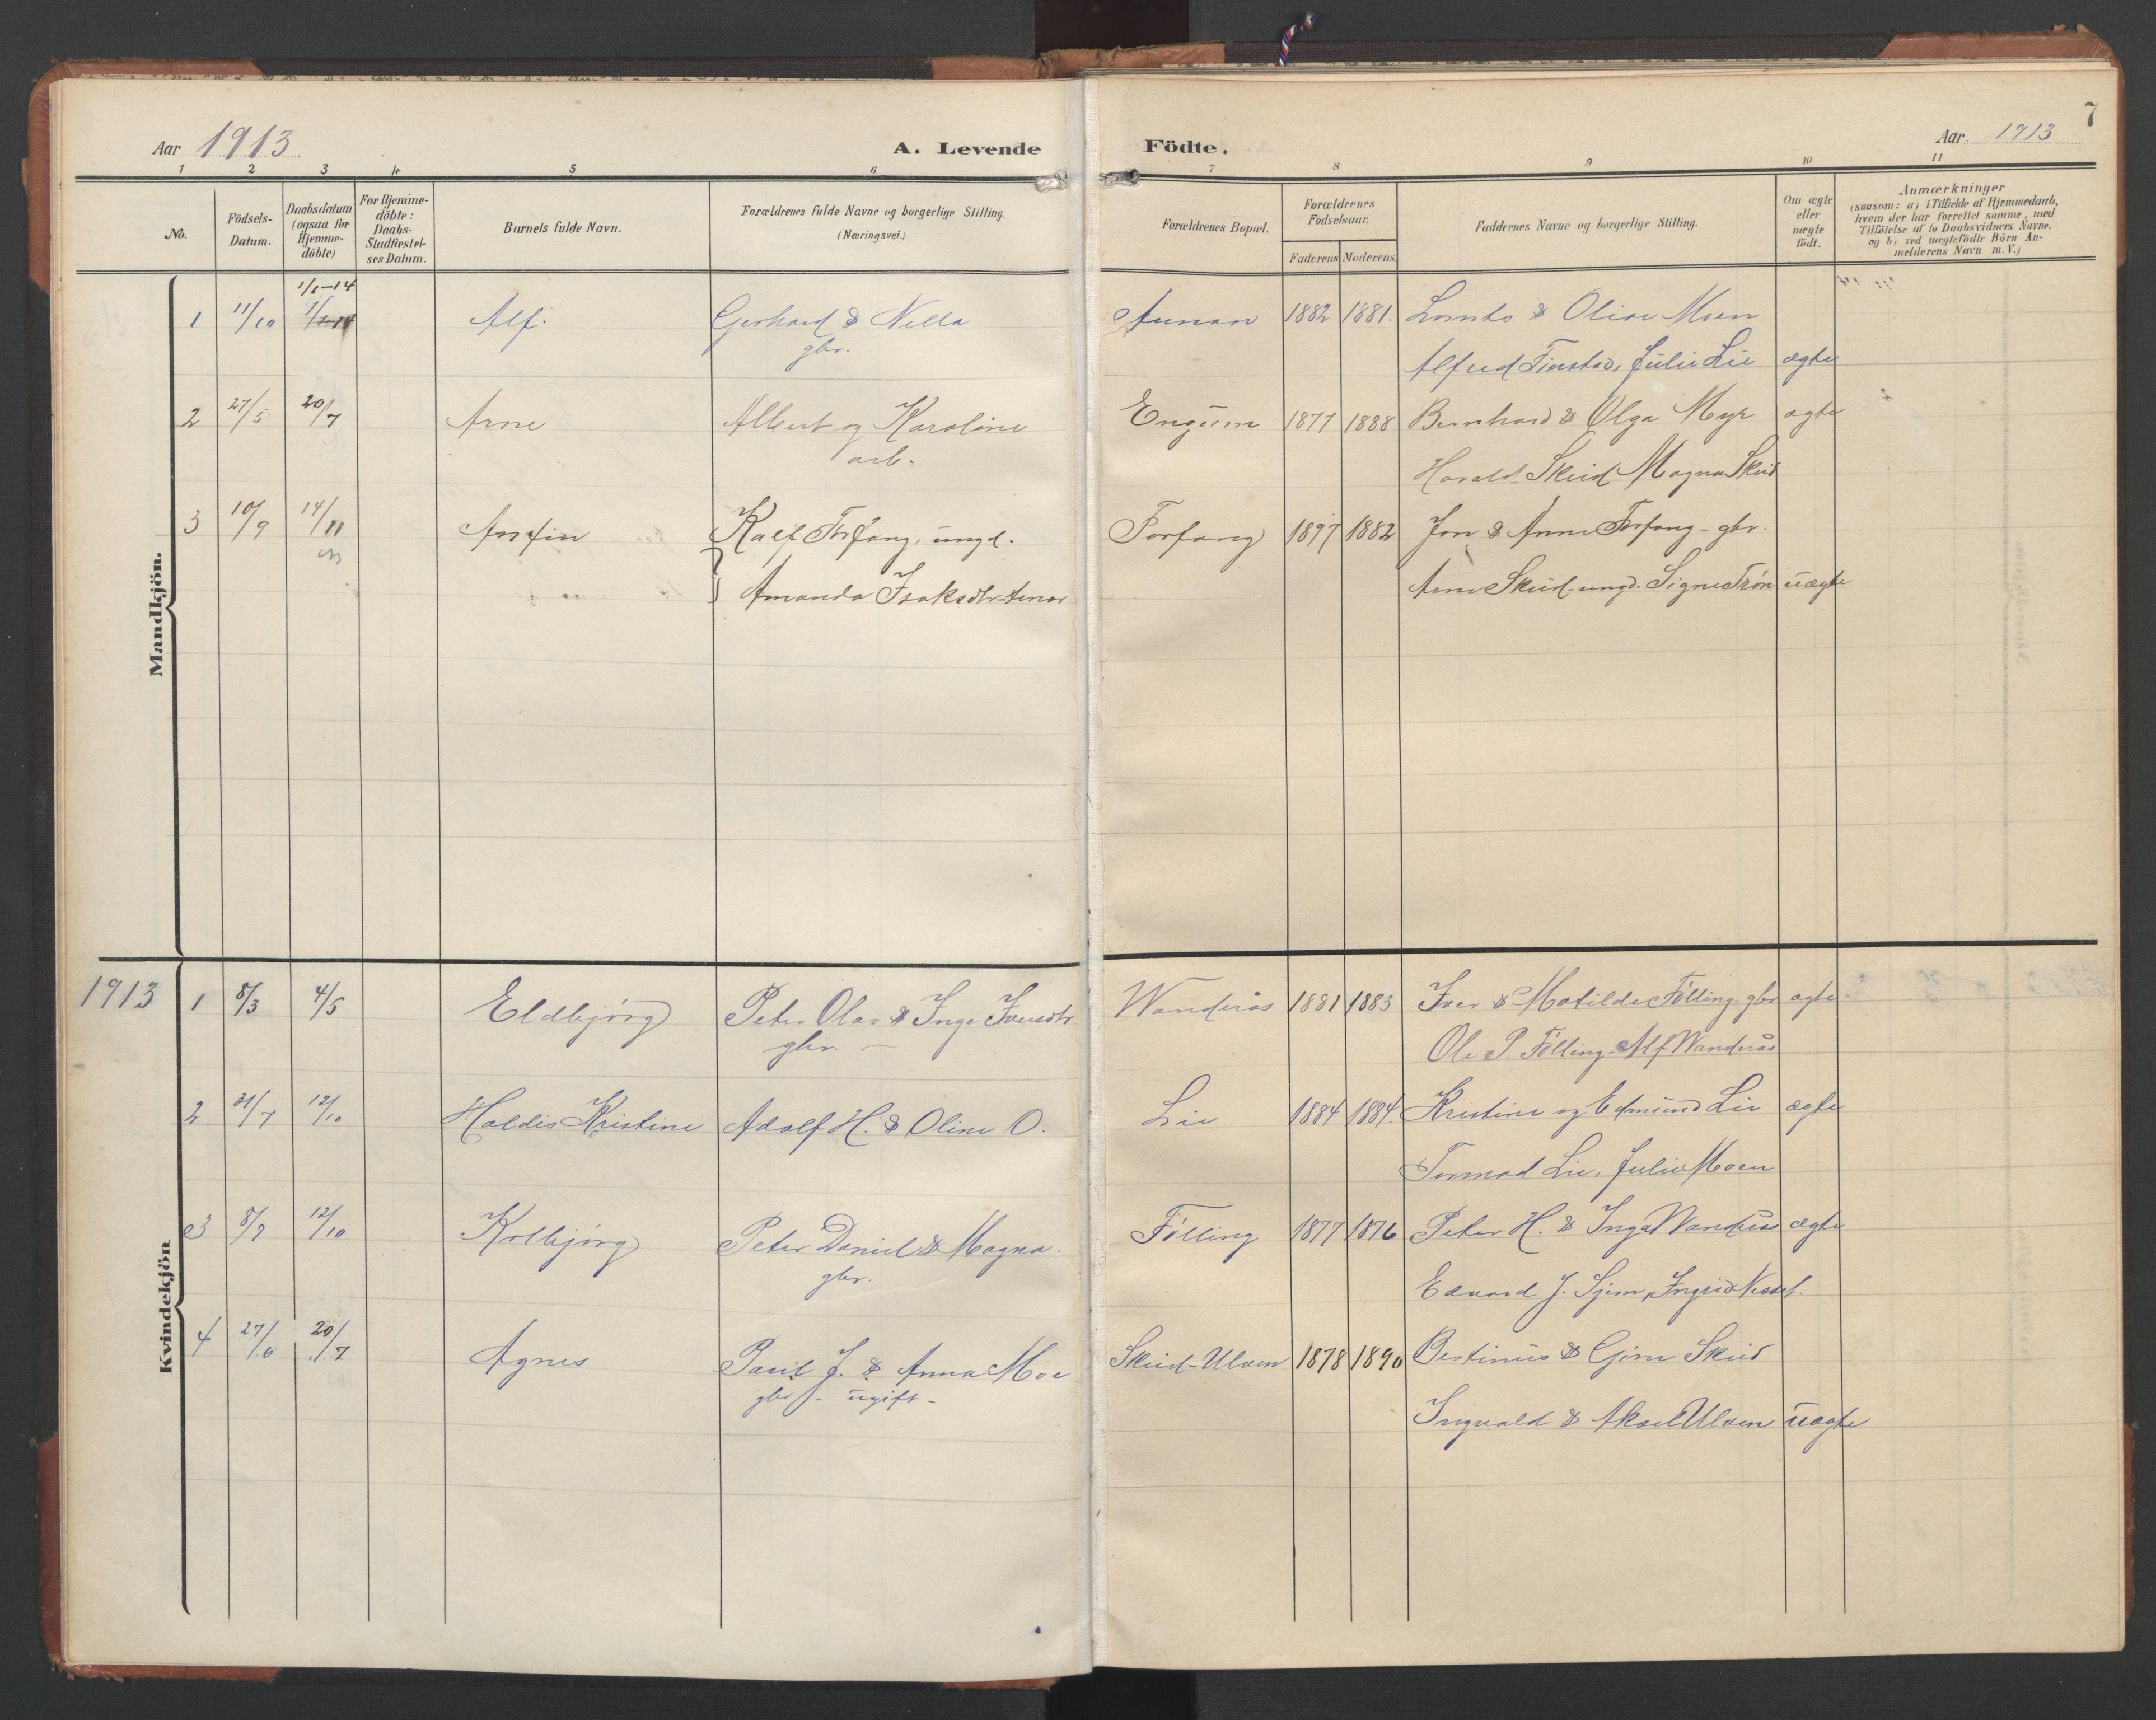 SAT, Ministerialprotokoller, klokkerbøker og fødselsregistre - Nord-Trøndelag, 748/L0465: Klokkerbok nr. 748C01, 1908-1960, s. 7